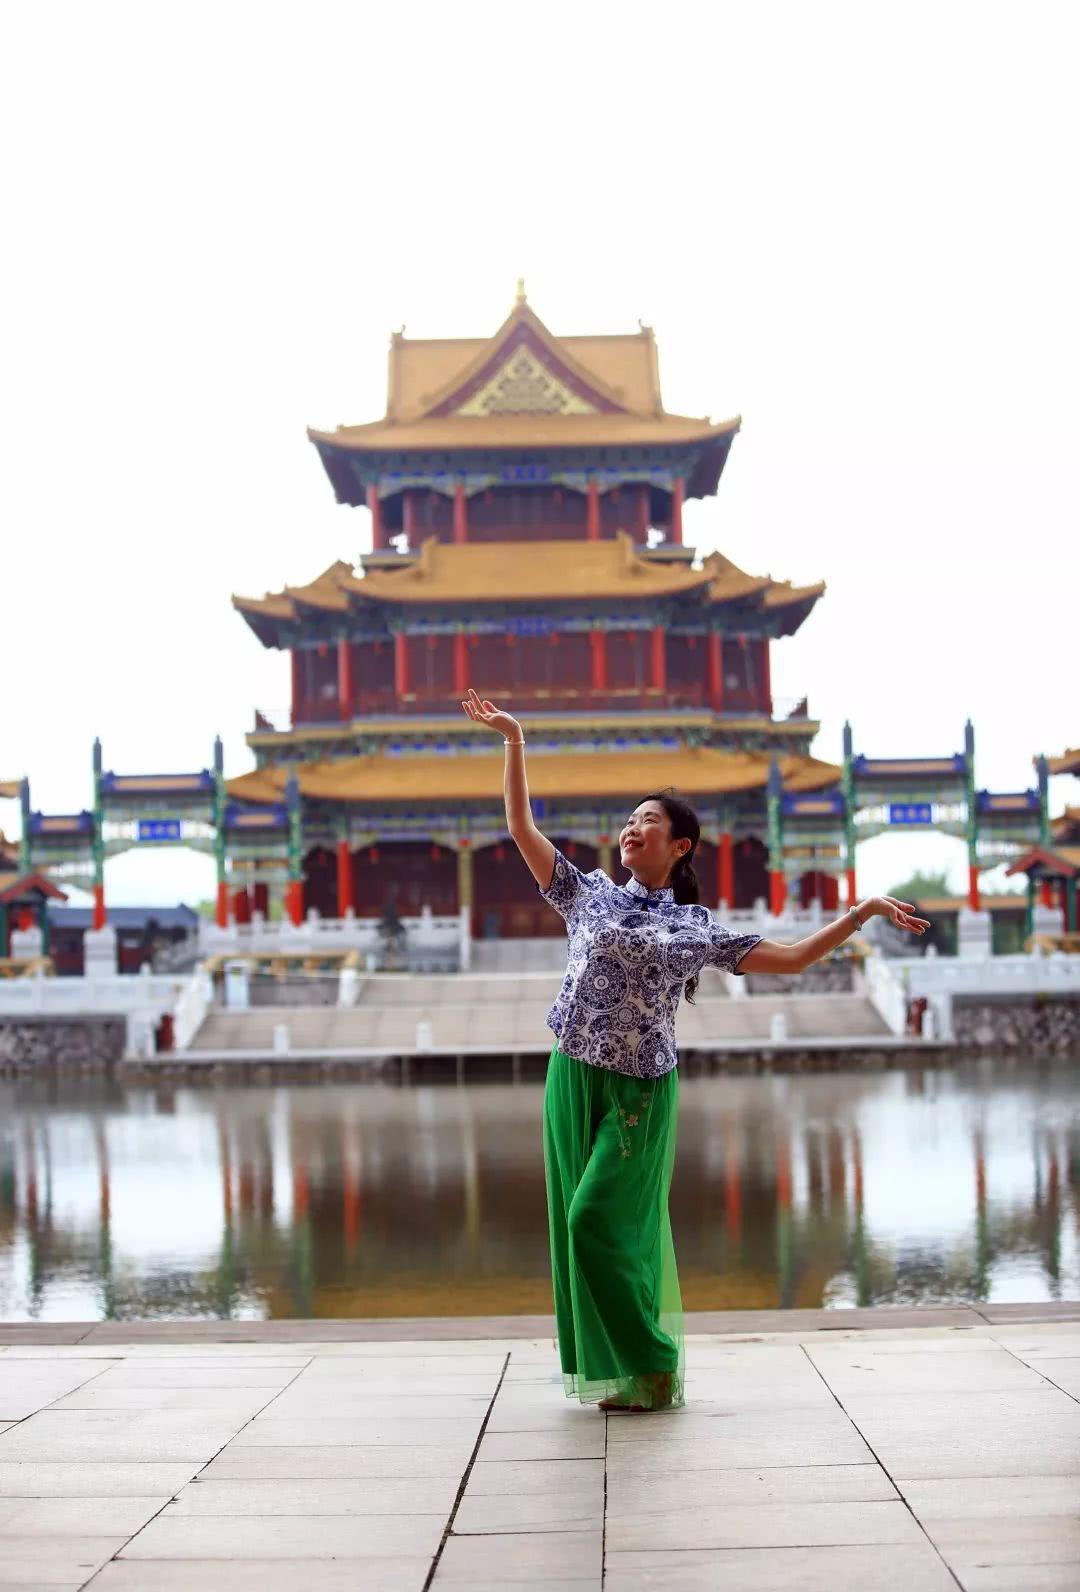 传承中华文化,舞动圆明新园